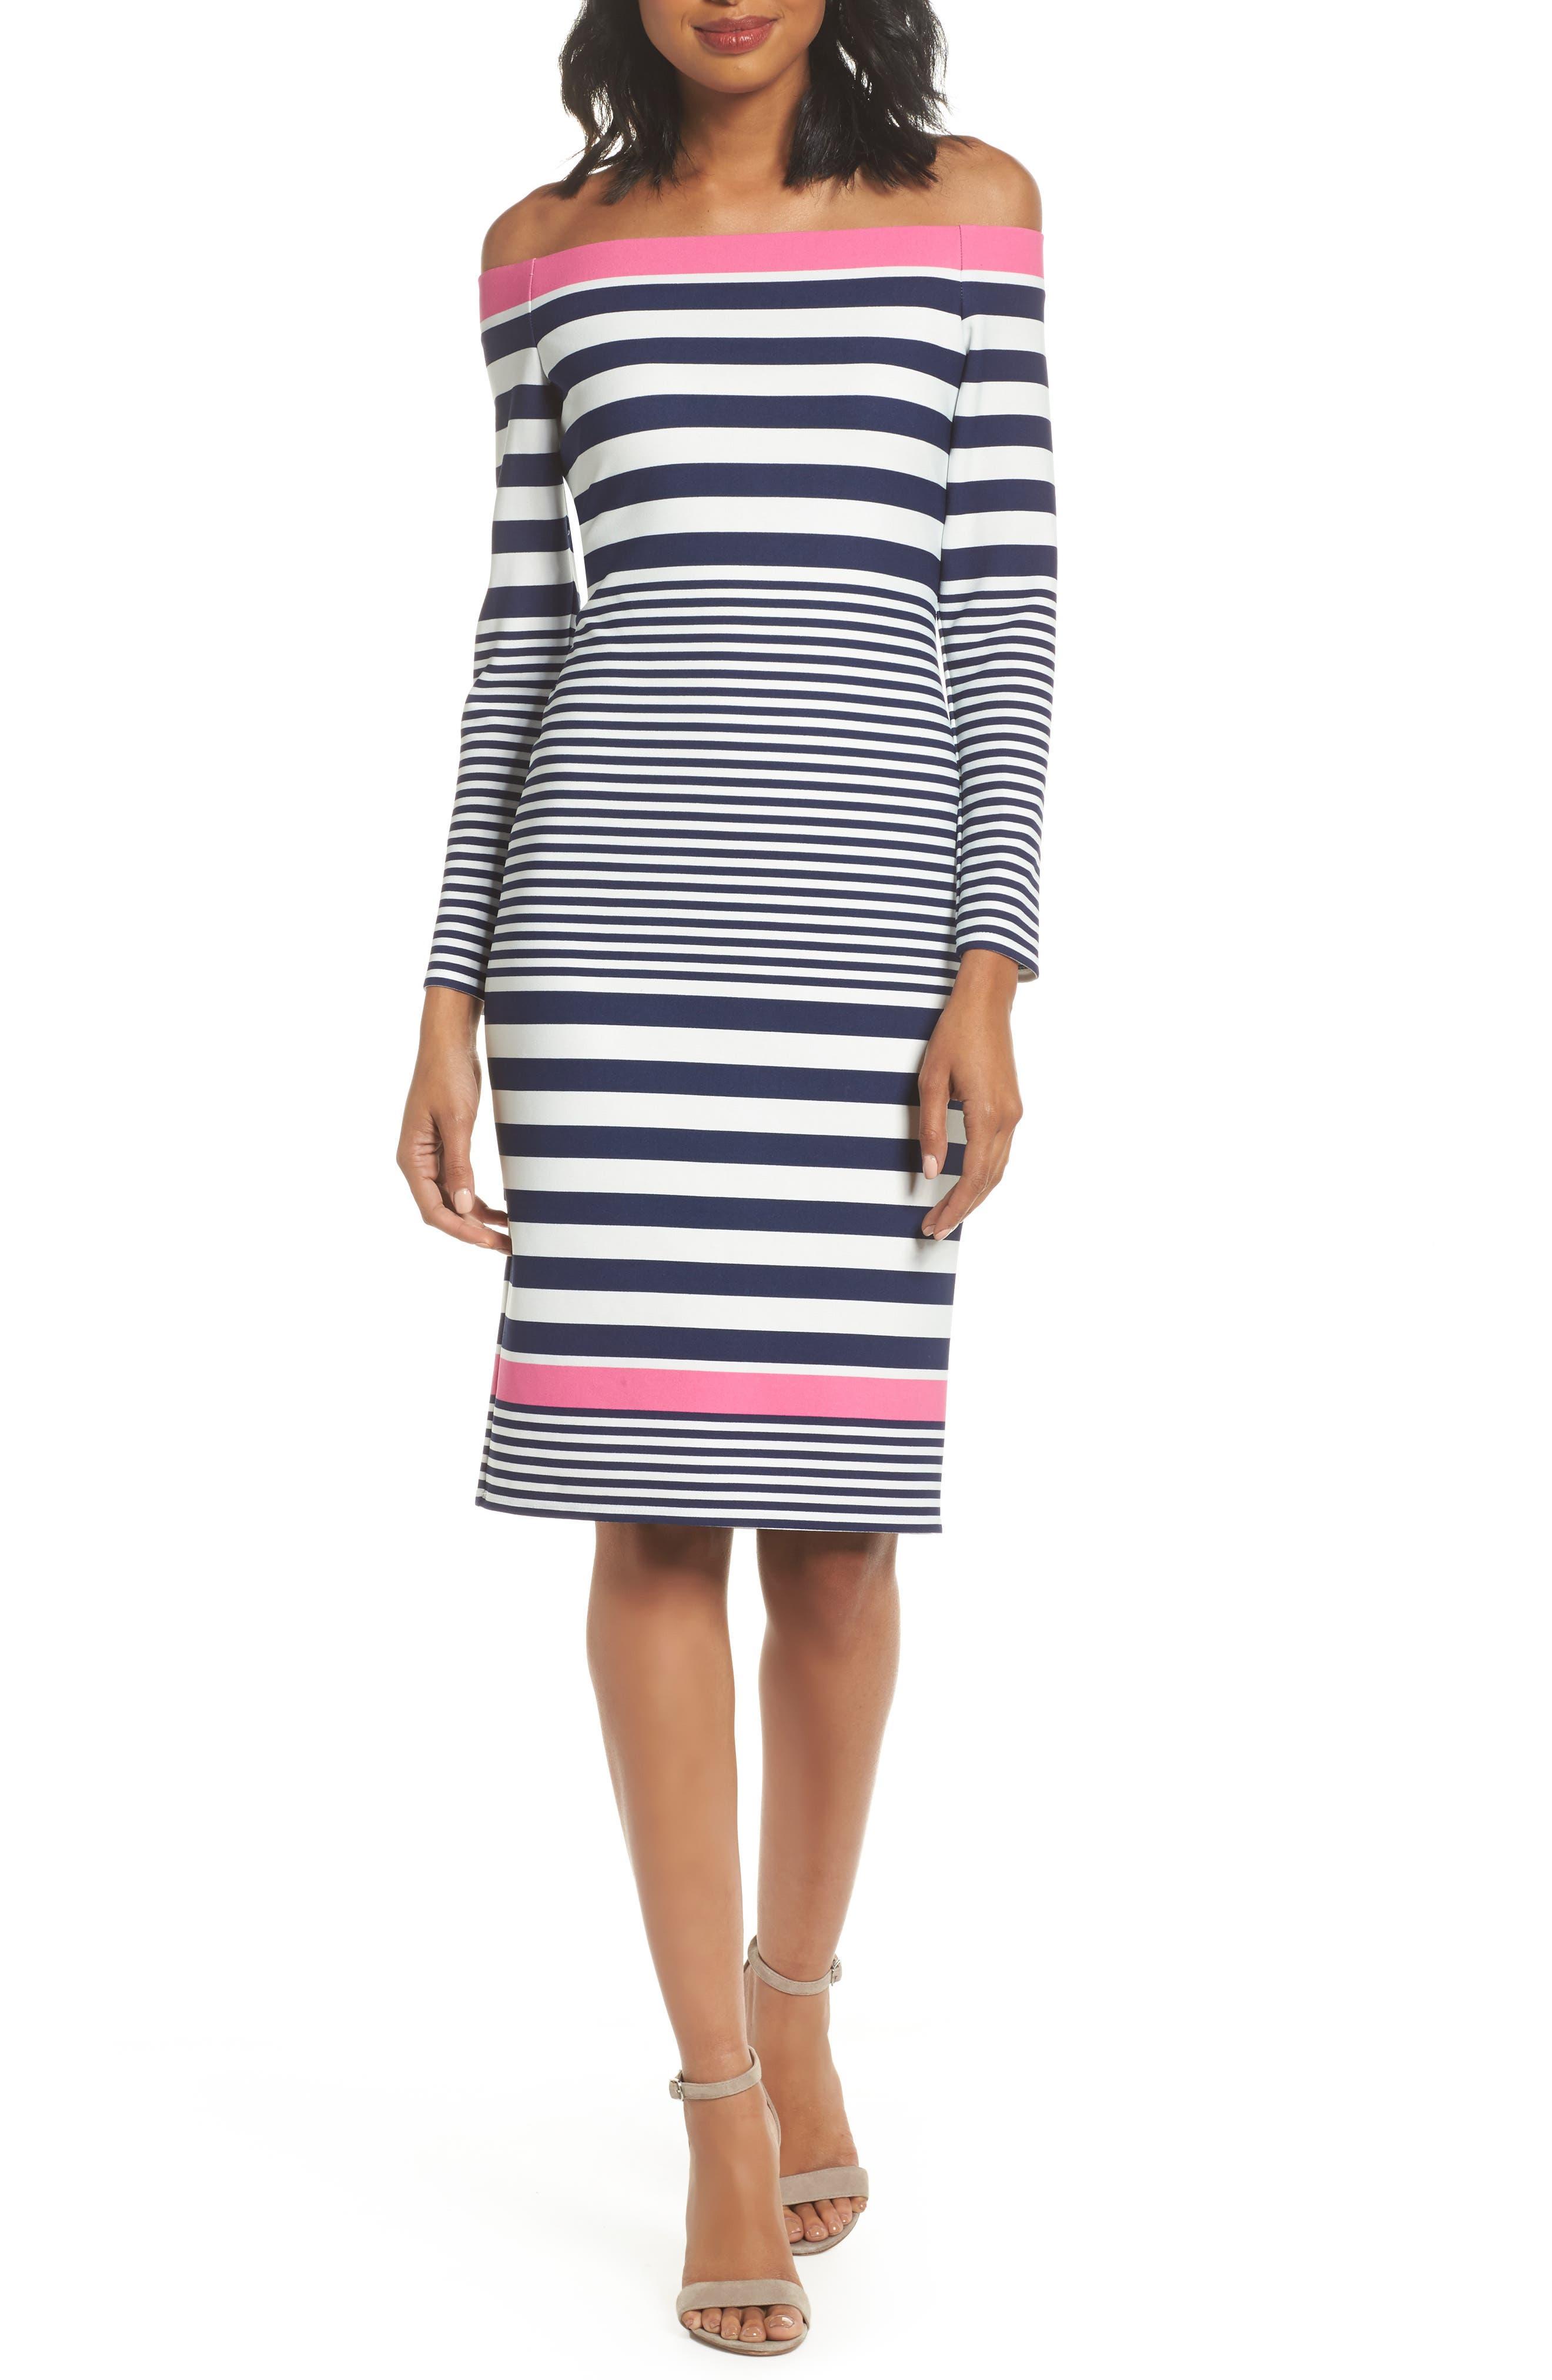 Alternate Image 1 Selected - Eliza J Off the Shoulder Sheath Dress